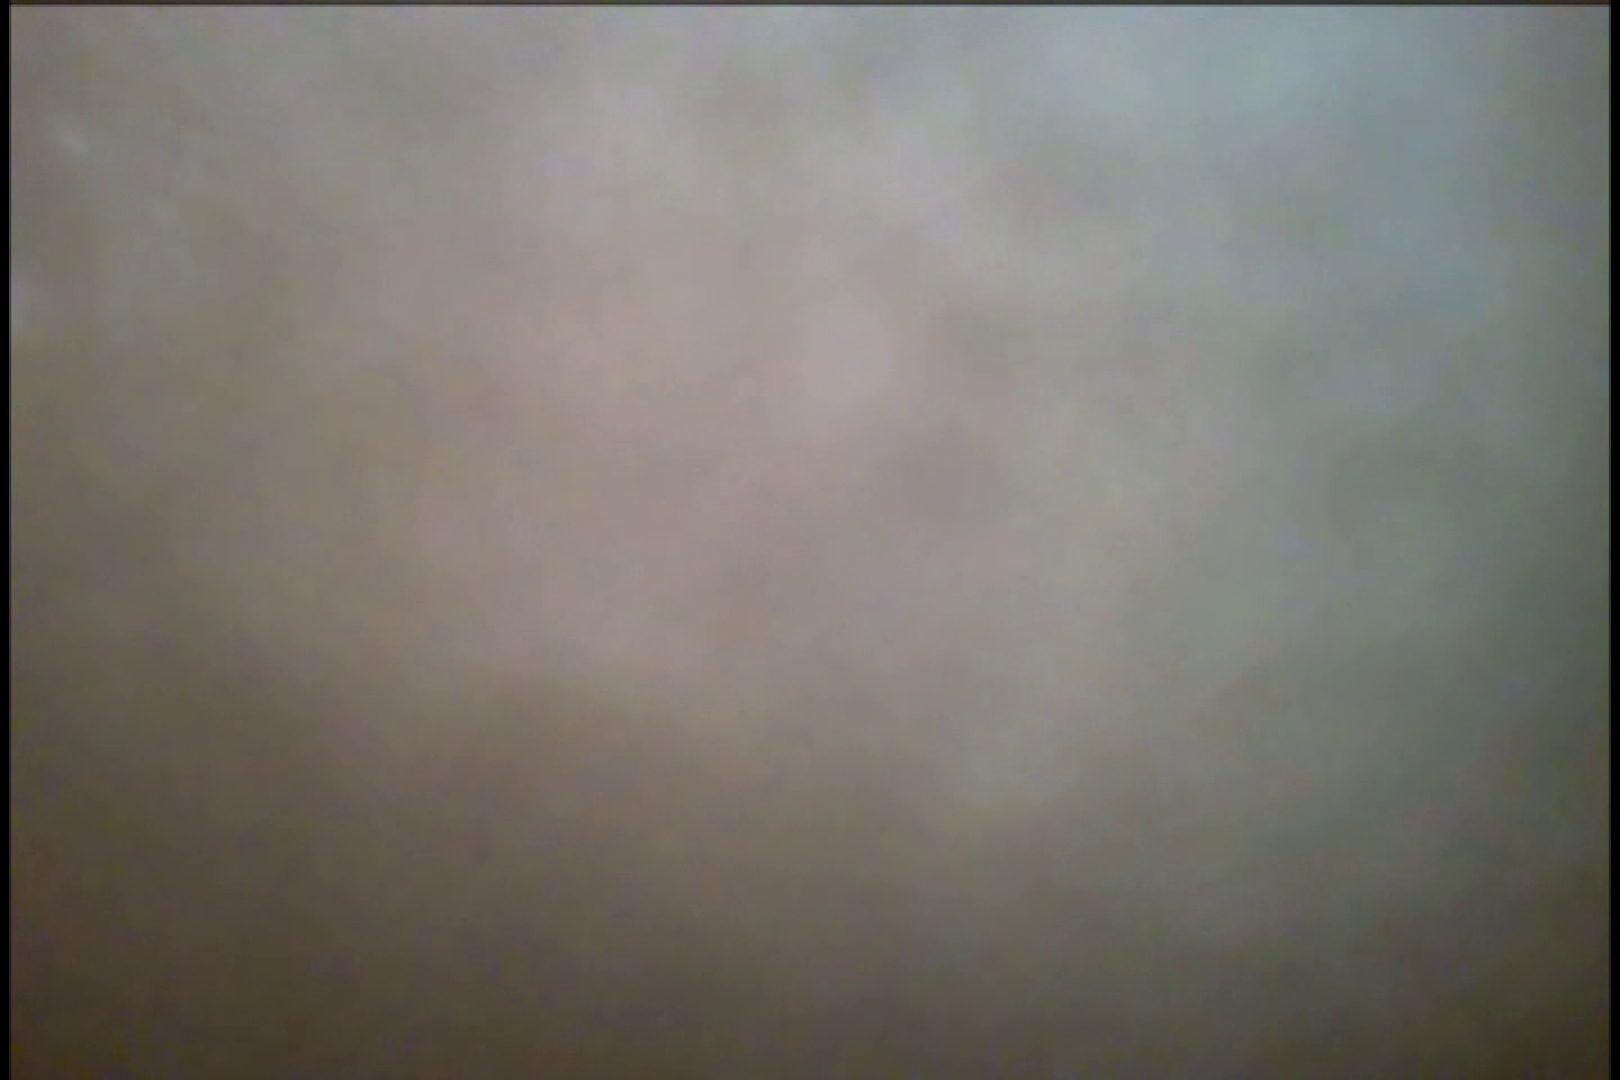 潜入!!女子化粧室盗撮~絶対見られたくない時間~vo,46 お尻 おまんこ動画流出 105pic 28